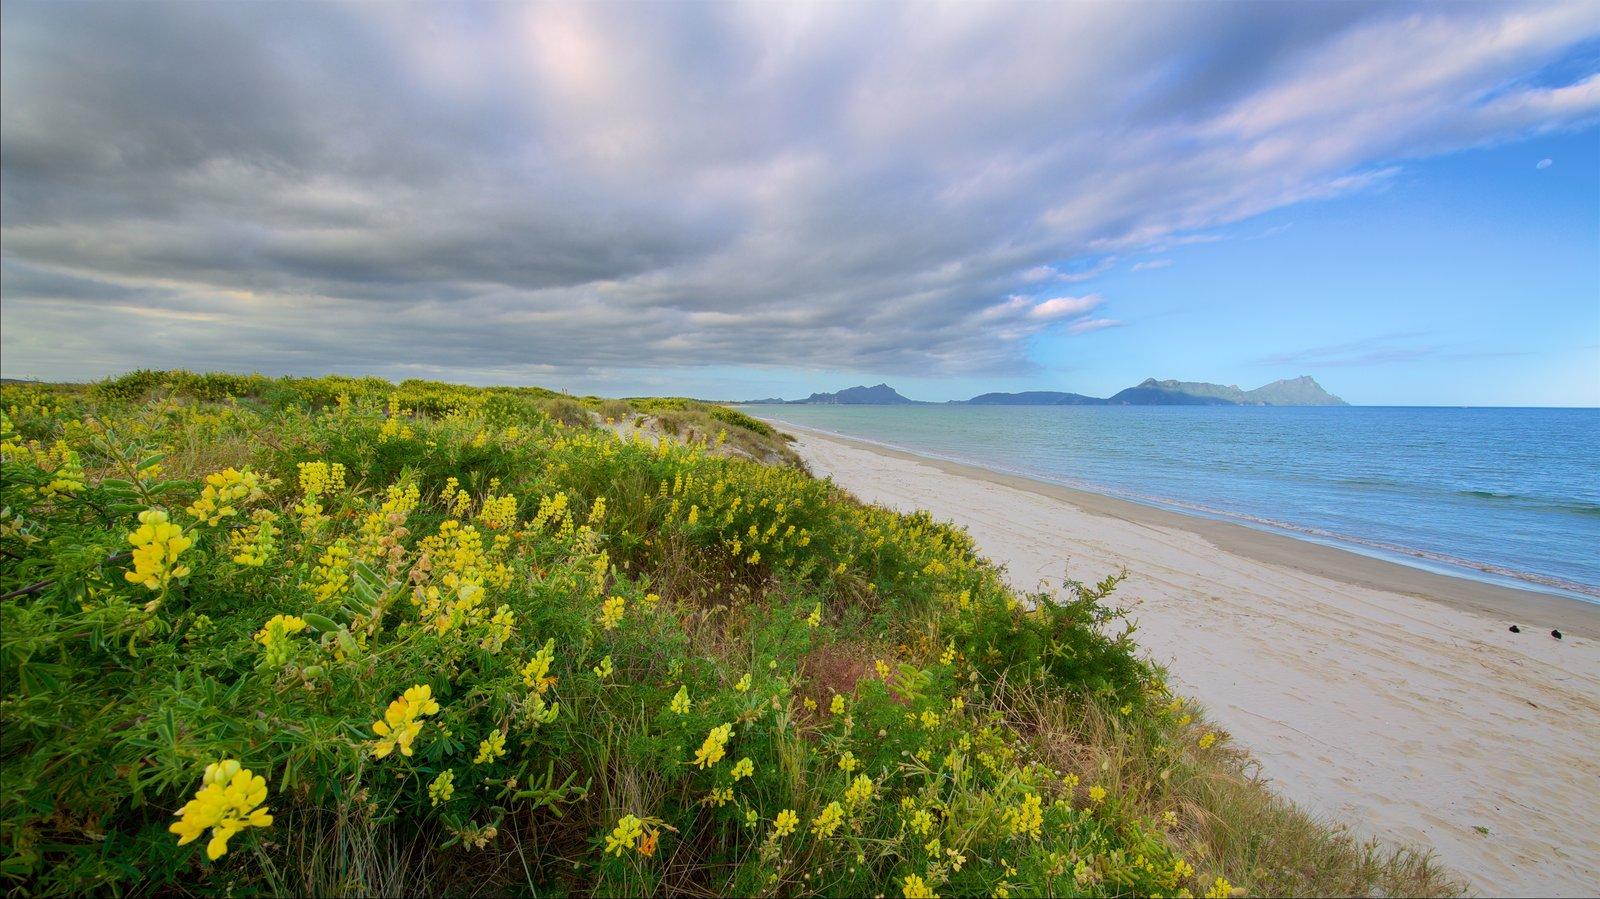 Whangarei Heads que incluye una playa, vistas generales de la costa y flores silvestres